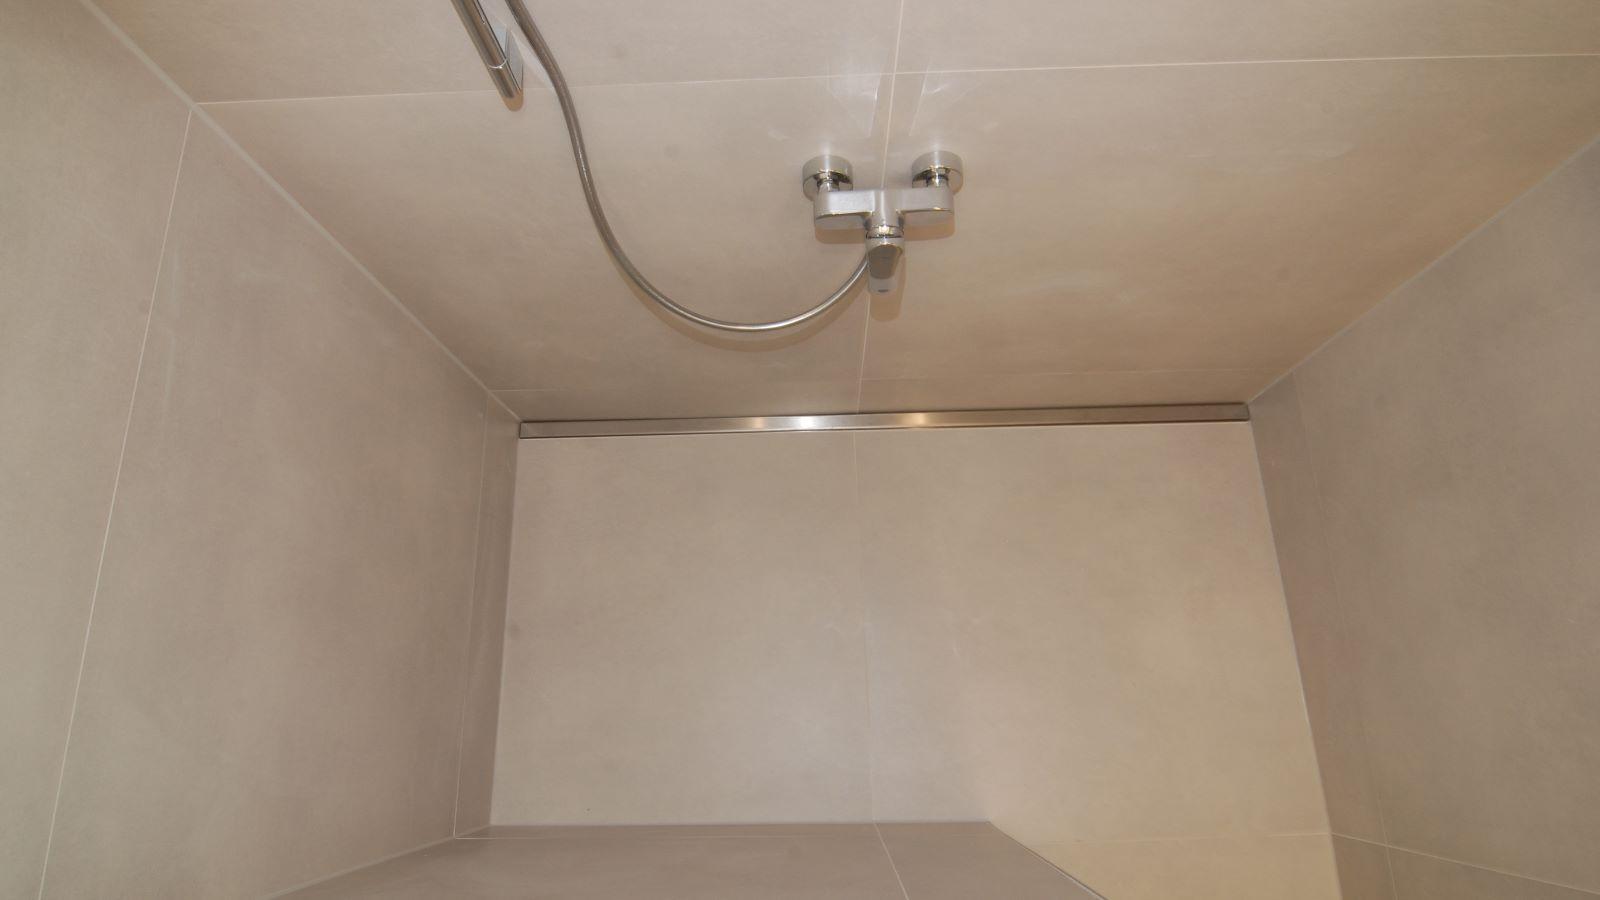 Die abgebildete, barrierefreie walk-in-dusche im sanitaerbereich hat eine wandbuendig montierte v4a edelstahl-duschrinne pro mit seitlichem ablauf zur linienentwaesserung. Cm-genau massgefertigt bis 600 cm laenge laesst sich die 200 cm lange duschrinne pro hier ideal einbauen. Die sehr hohe ablaufleistung, einfache montage, sichere abdichtung und einfache verlegung auch von grossflaechigen fliesen machen die hochwertige duschrinne pro zur ersten wahl als ebenerdigen bodenablauf fuer bodengleiche duschen in sanitaerraeumen. Einfache pflege der unempfindlichen duschrinne pro sowie hygienische reinigung ohne werkzeug und ohne haarsieb ergaenzen die praktischen vorteile der duschrinne pro als duschablauf im sanitaerbereich. Die planung und realisierung dieser walk-in-dusche in der sanitaeranlage ist durch die sehr lange, massgefertigte, schmale duschrinne pro ermoeglicht worden.